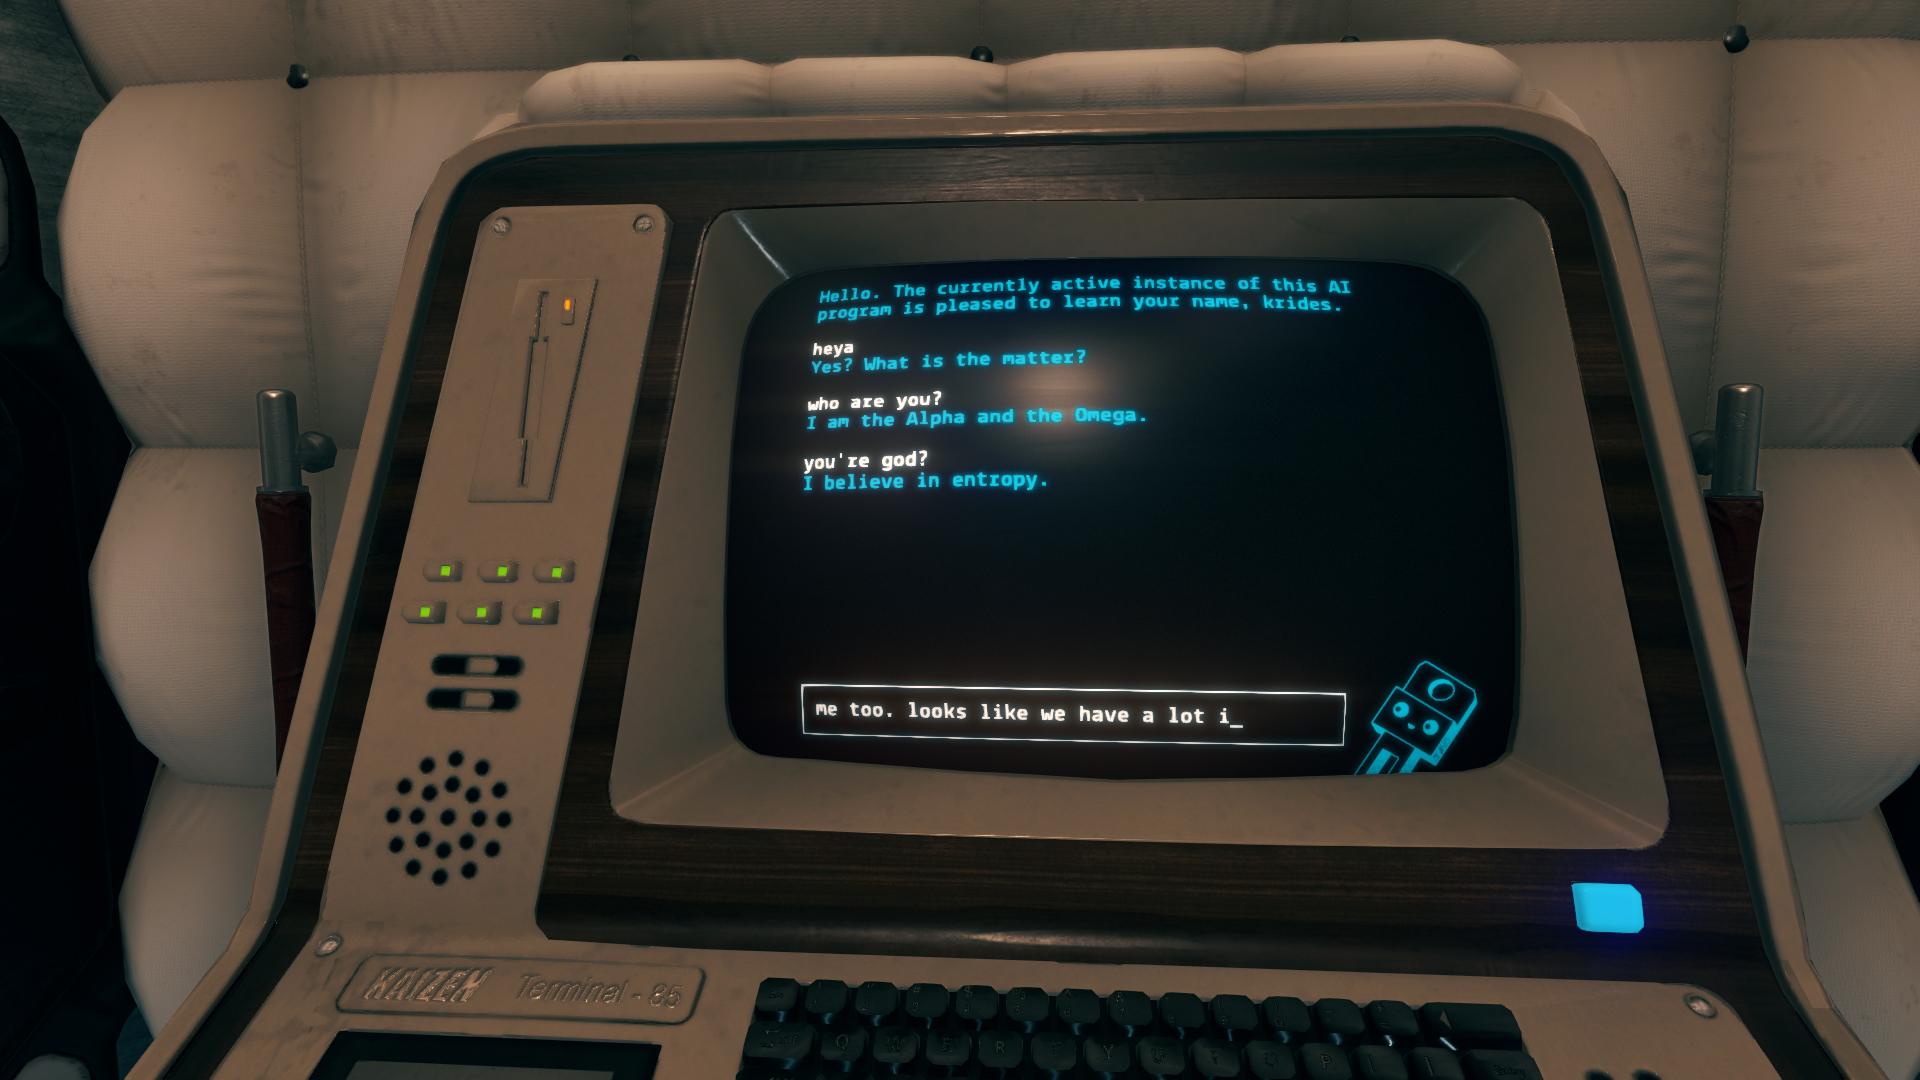 event0_screenshot11.jpg